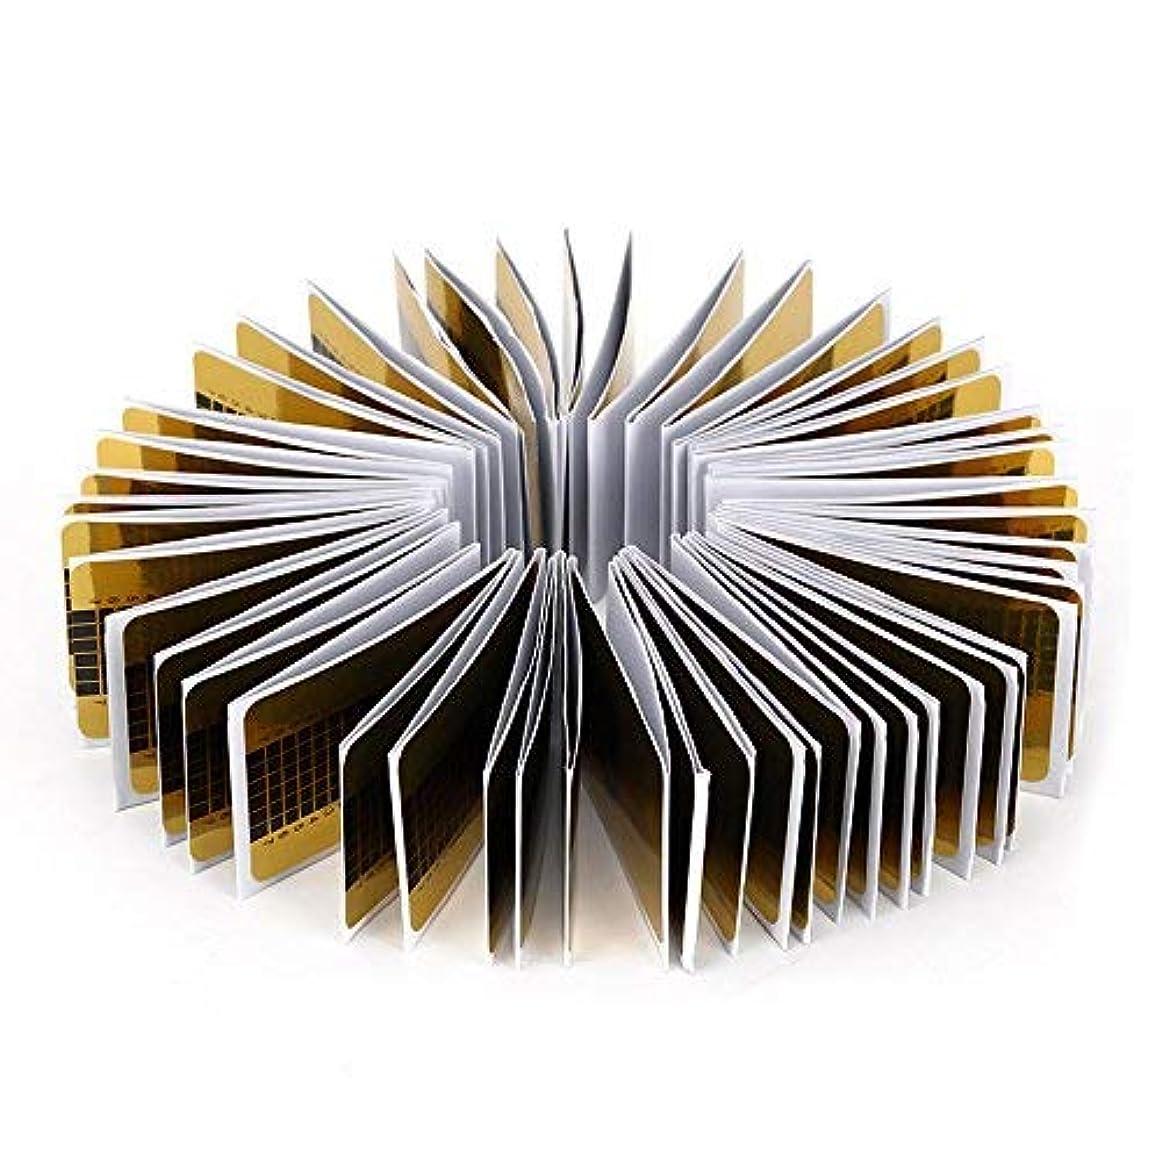 フリンジ高音間接的Aomgsd ネイルフォーム 長さだしジェルネイルフォーム プロ用 使い捨て 紙製 100枚入れ